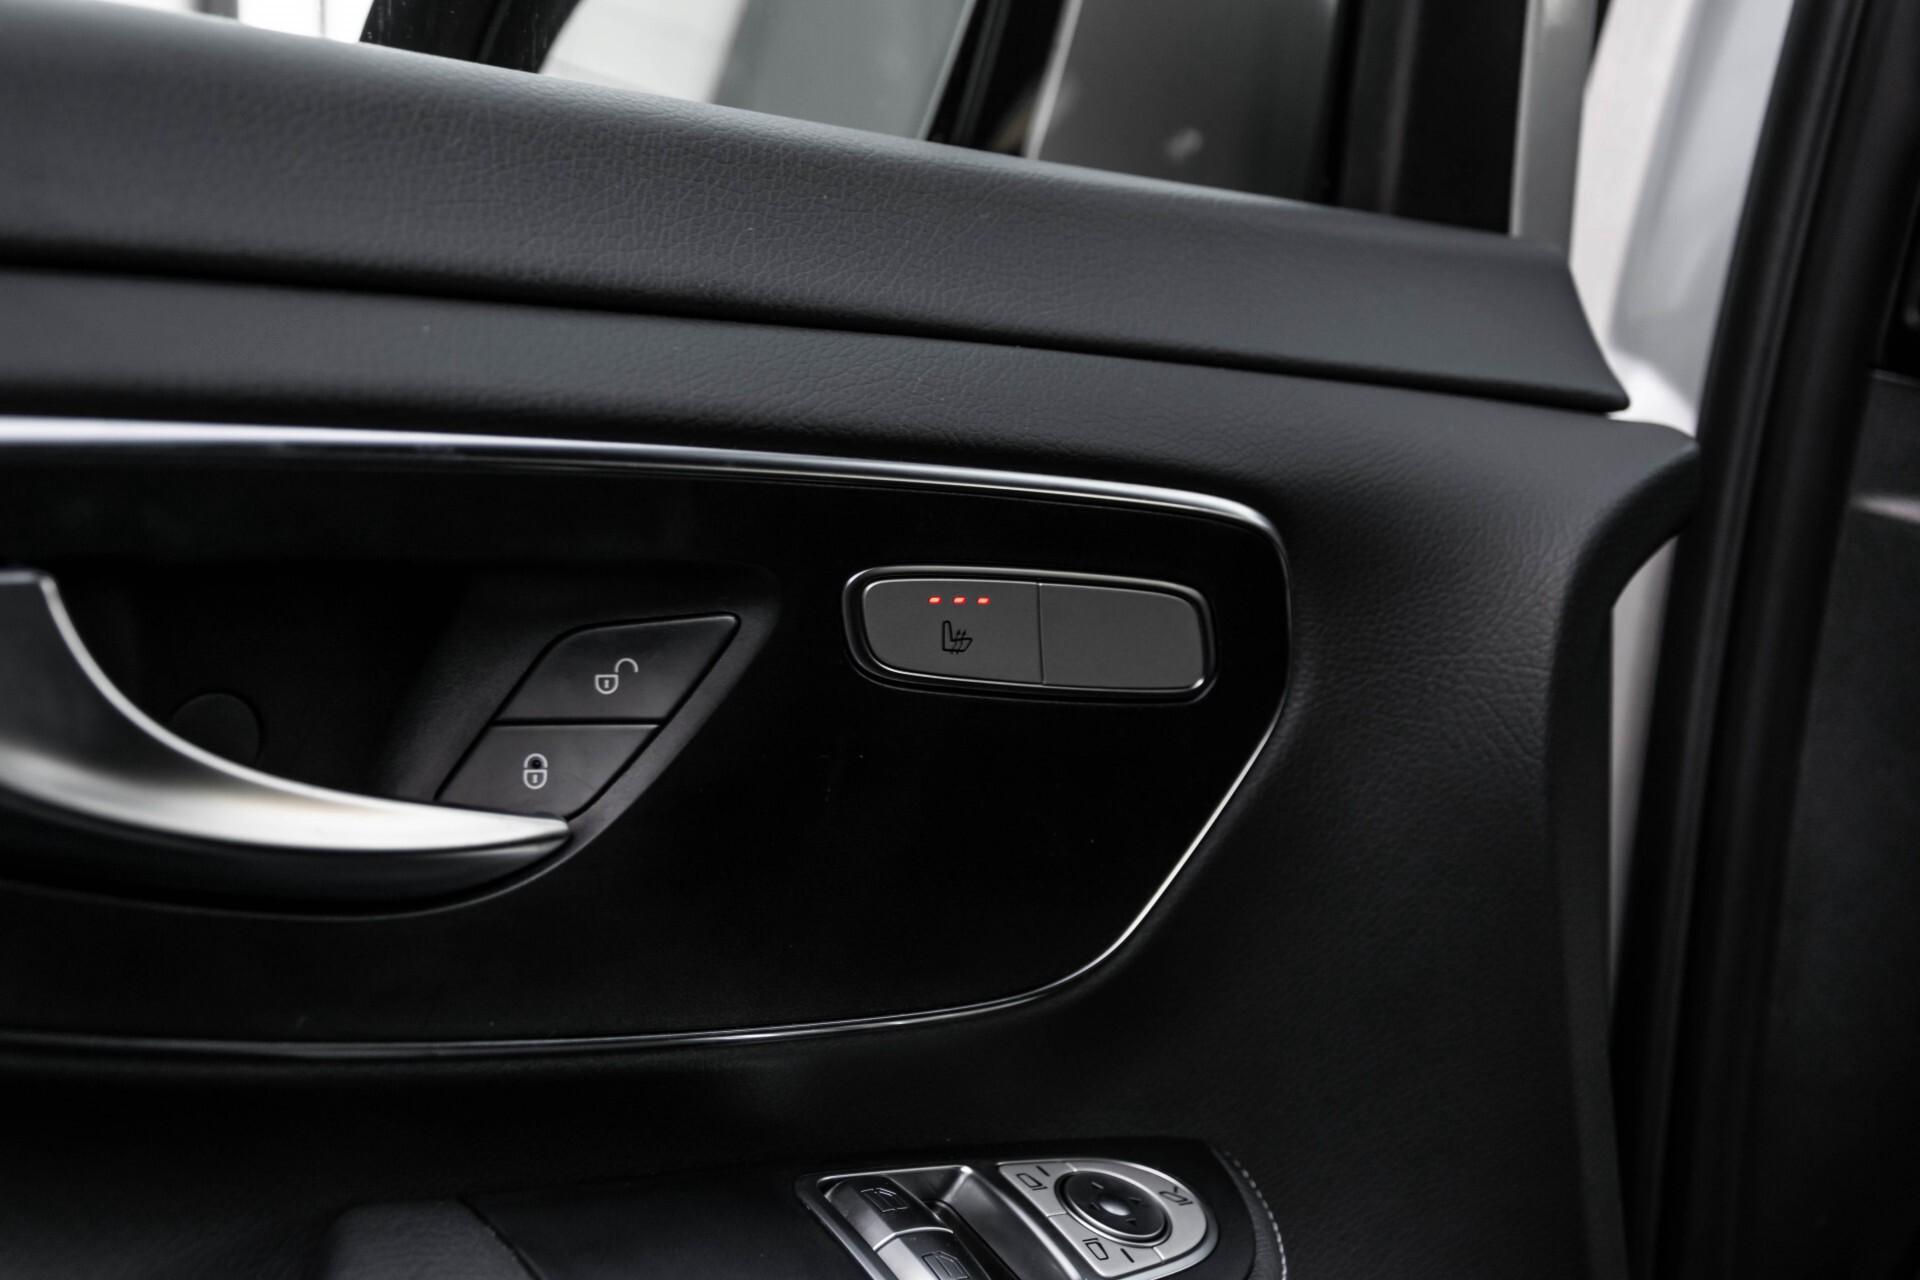 Mercedes-Benz V-Klasse 220d Extra Lang 8-Persoons Avantgarde Edition Burmester/360camera/spoorpakket/ILS Aut7 Foto 20